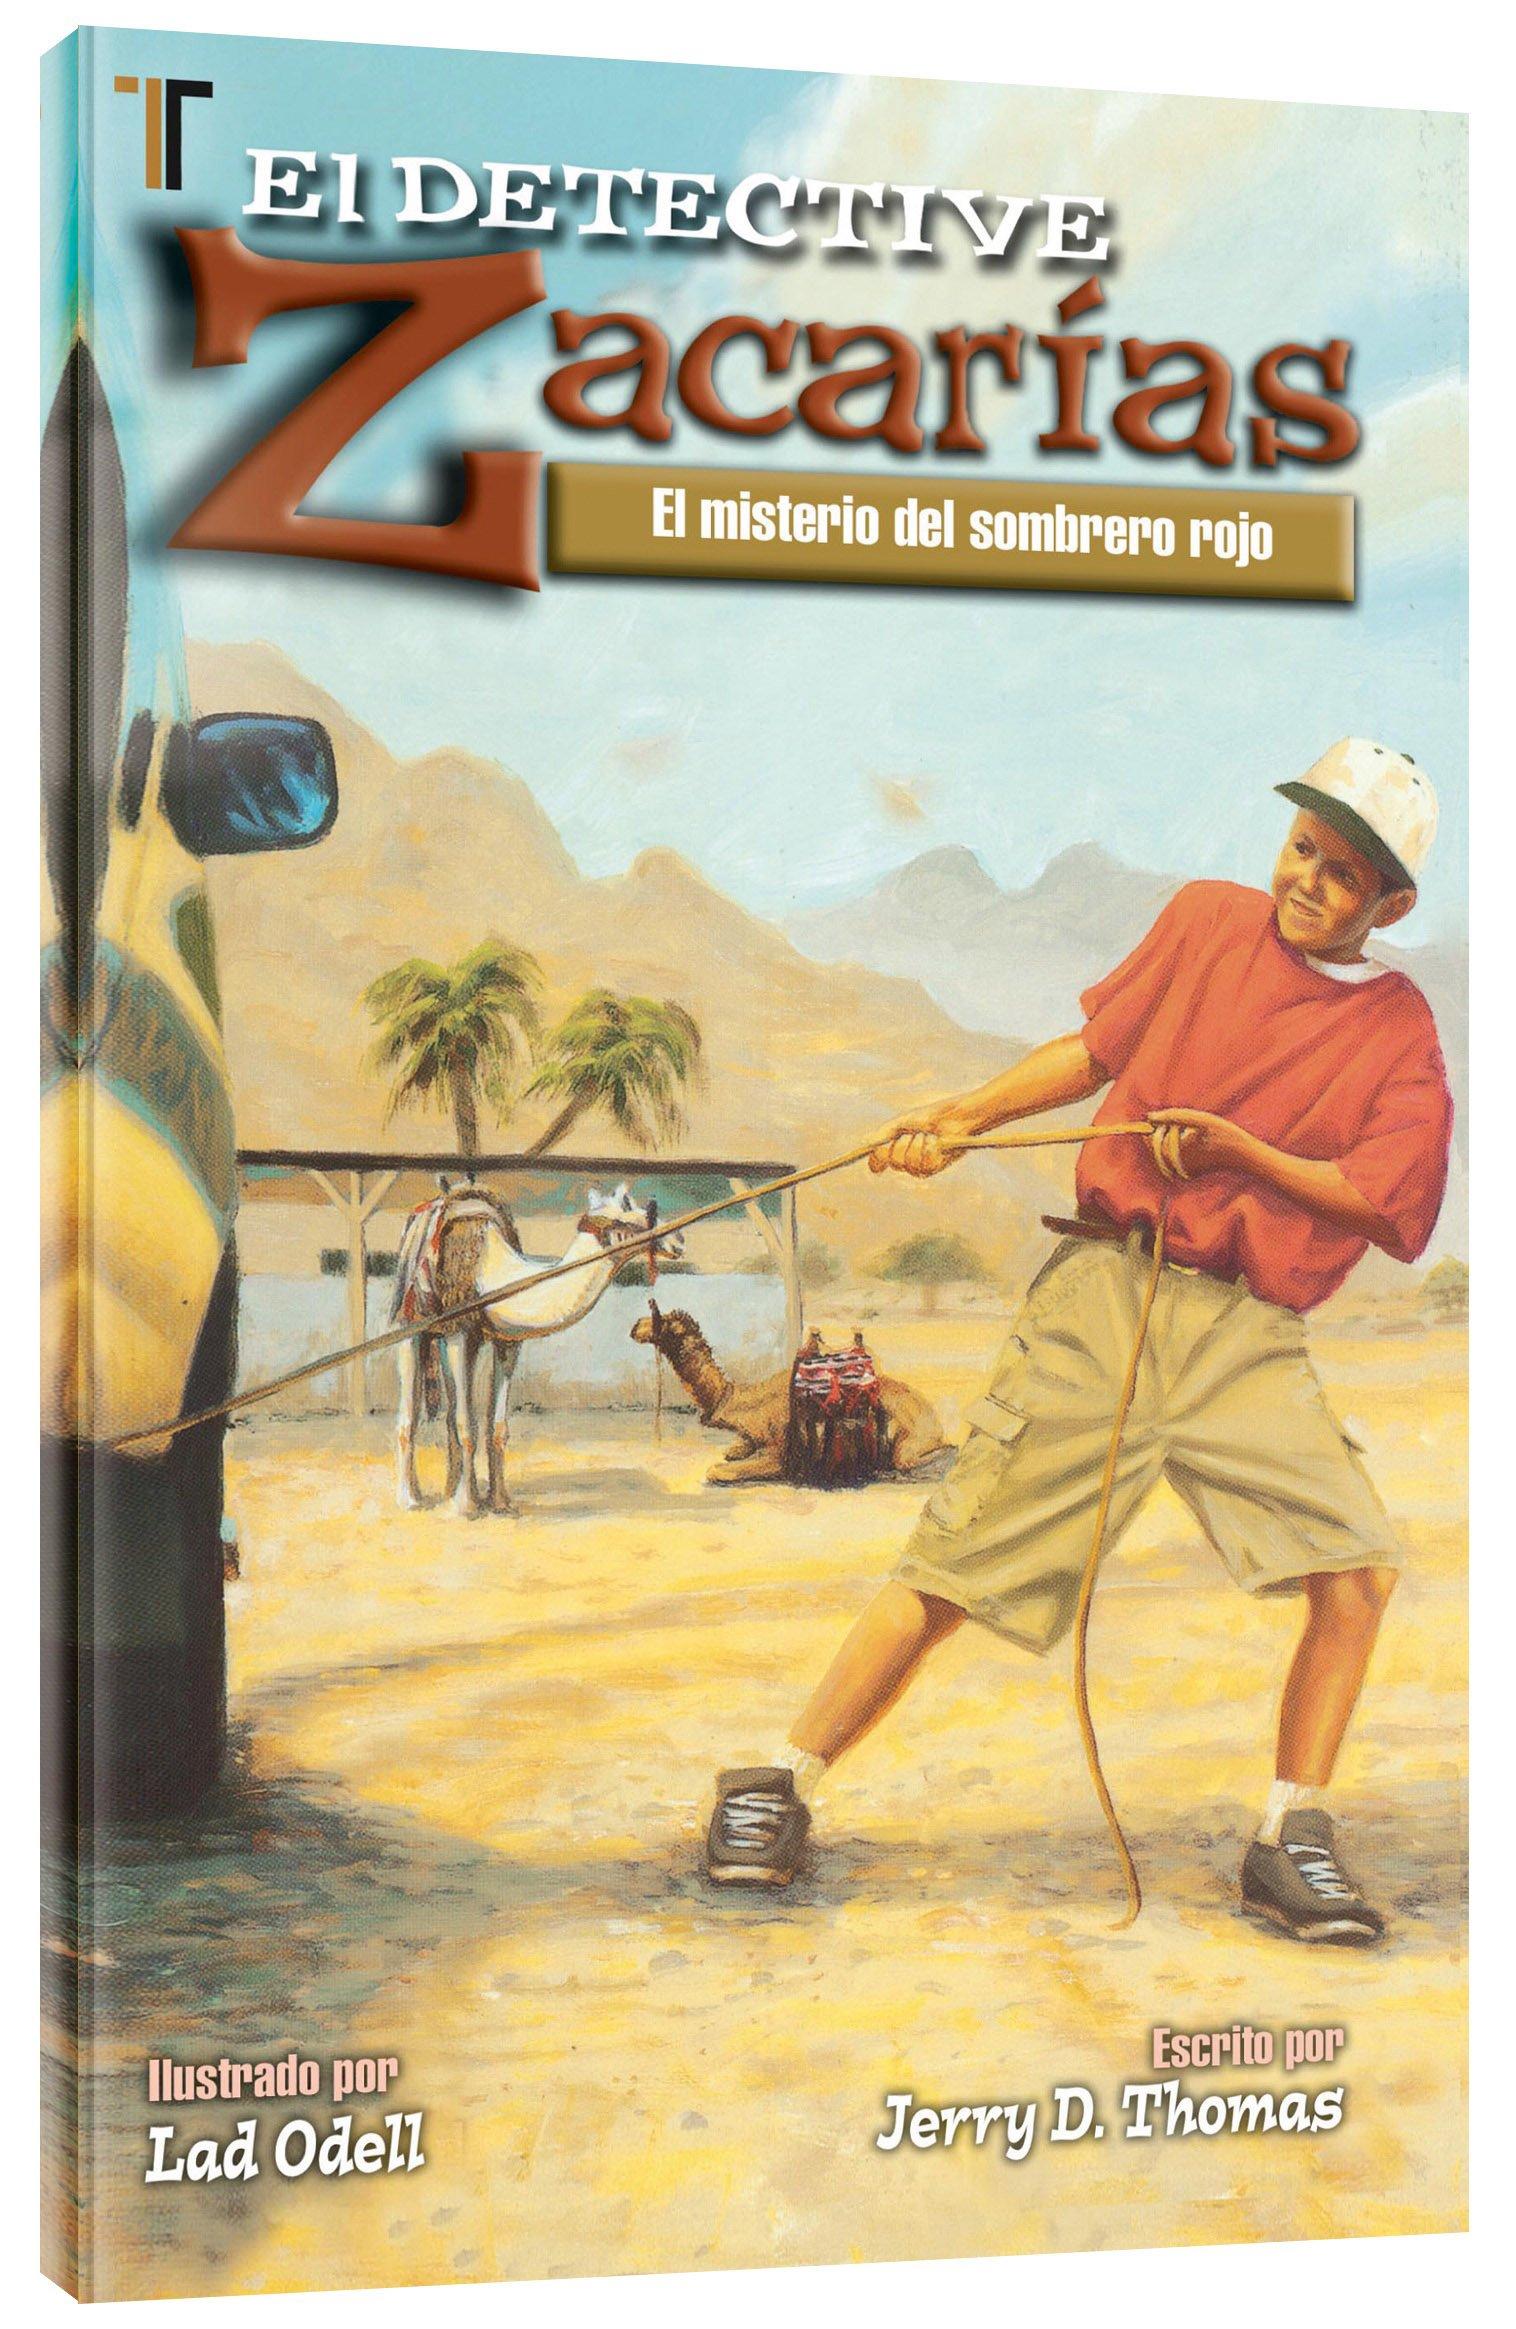 El Detective Zacarias: El Misterio del Sombrero Rojo=Detective Zach: Spanish (Spanish Edition) (Spanish) Paperback – January 15, 2009